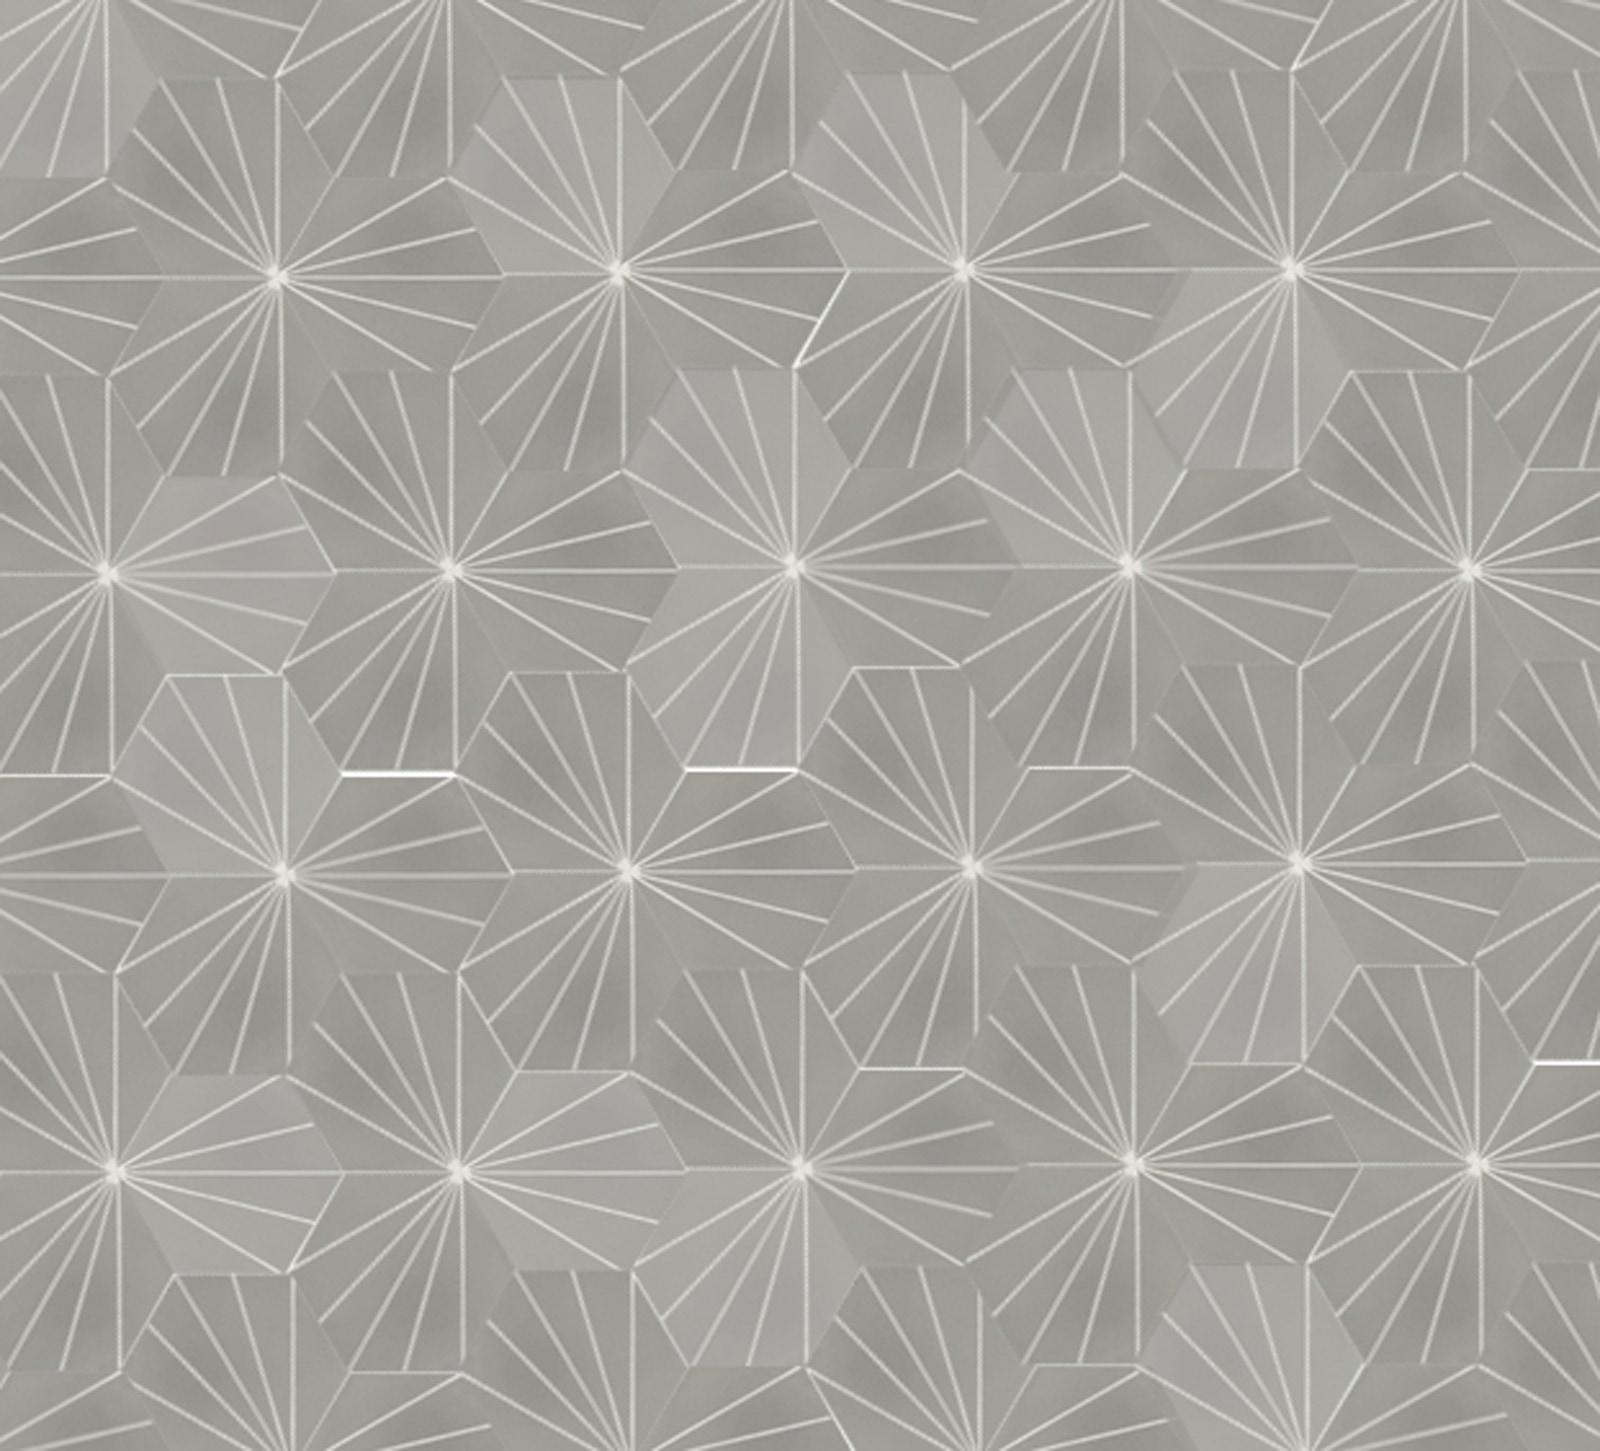 zementfliesen-zementmosaikplatten-sechseck-verlegemuster-600852-via-gmbh | 600852